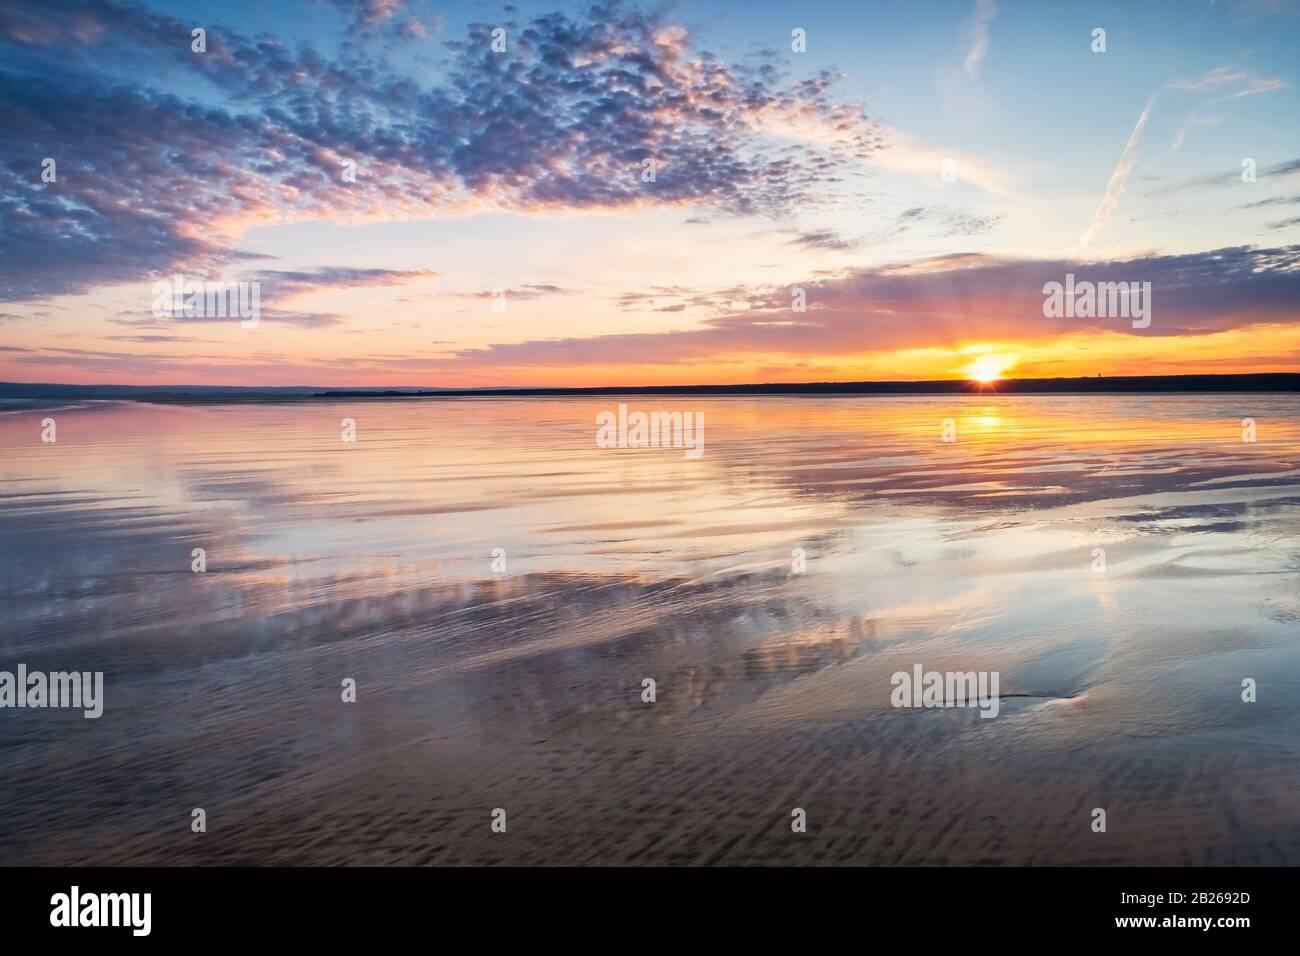 Coucher de soleil romantique sur la plage du Devon du Nord, côte, littoral, sable, mer, vie côtière, style de vie, Sud-Ouest, rivage, magnifique, spectaculaire, Royaume-Uni Banque D'Images